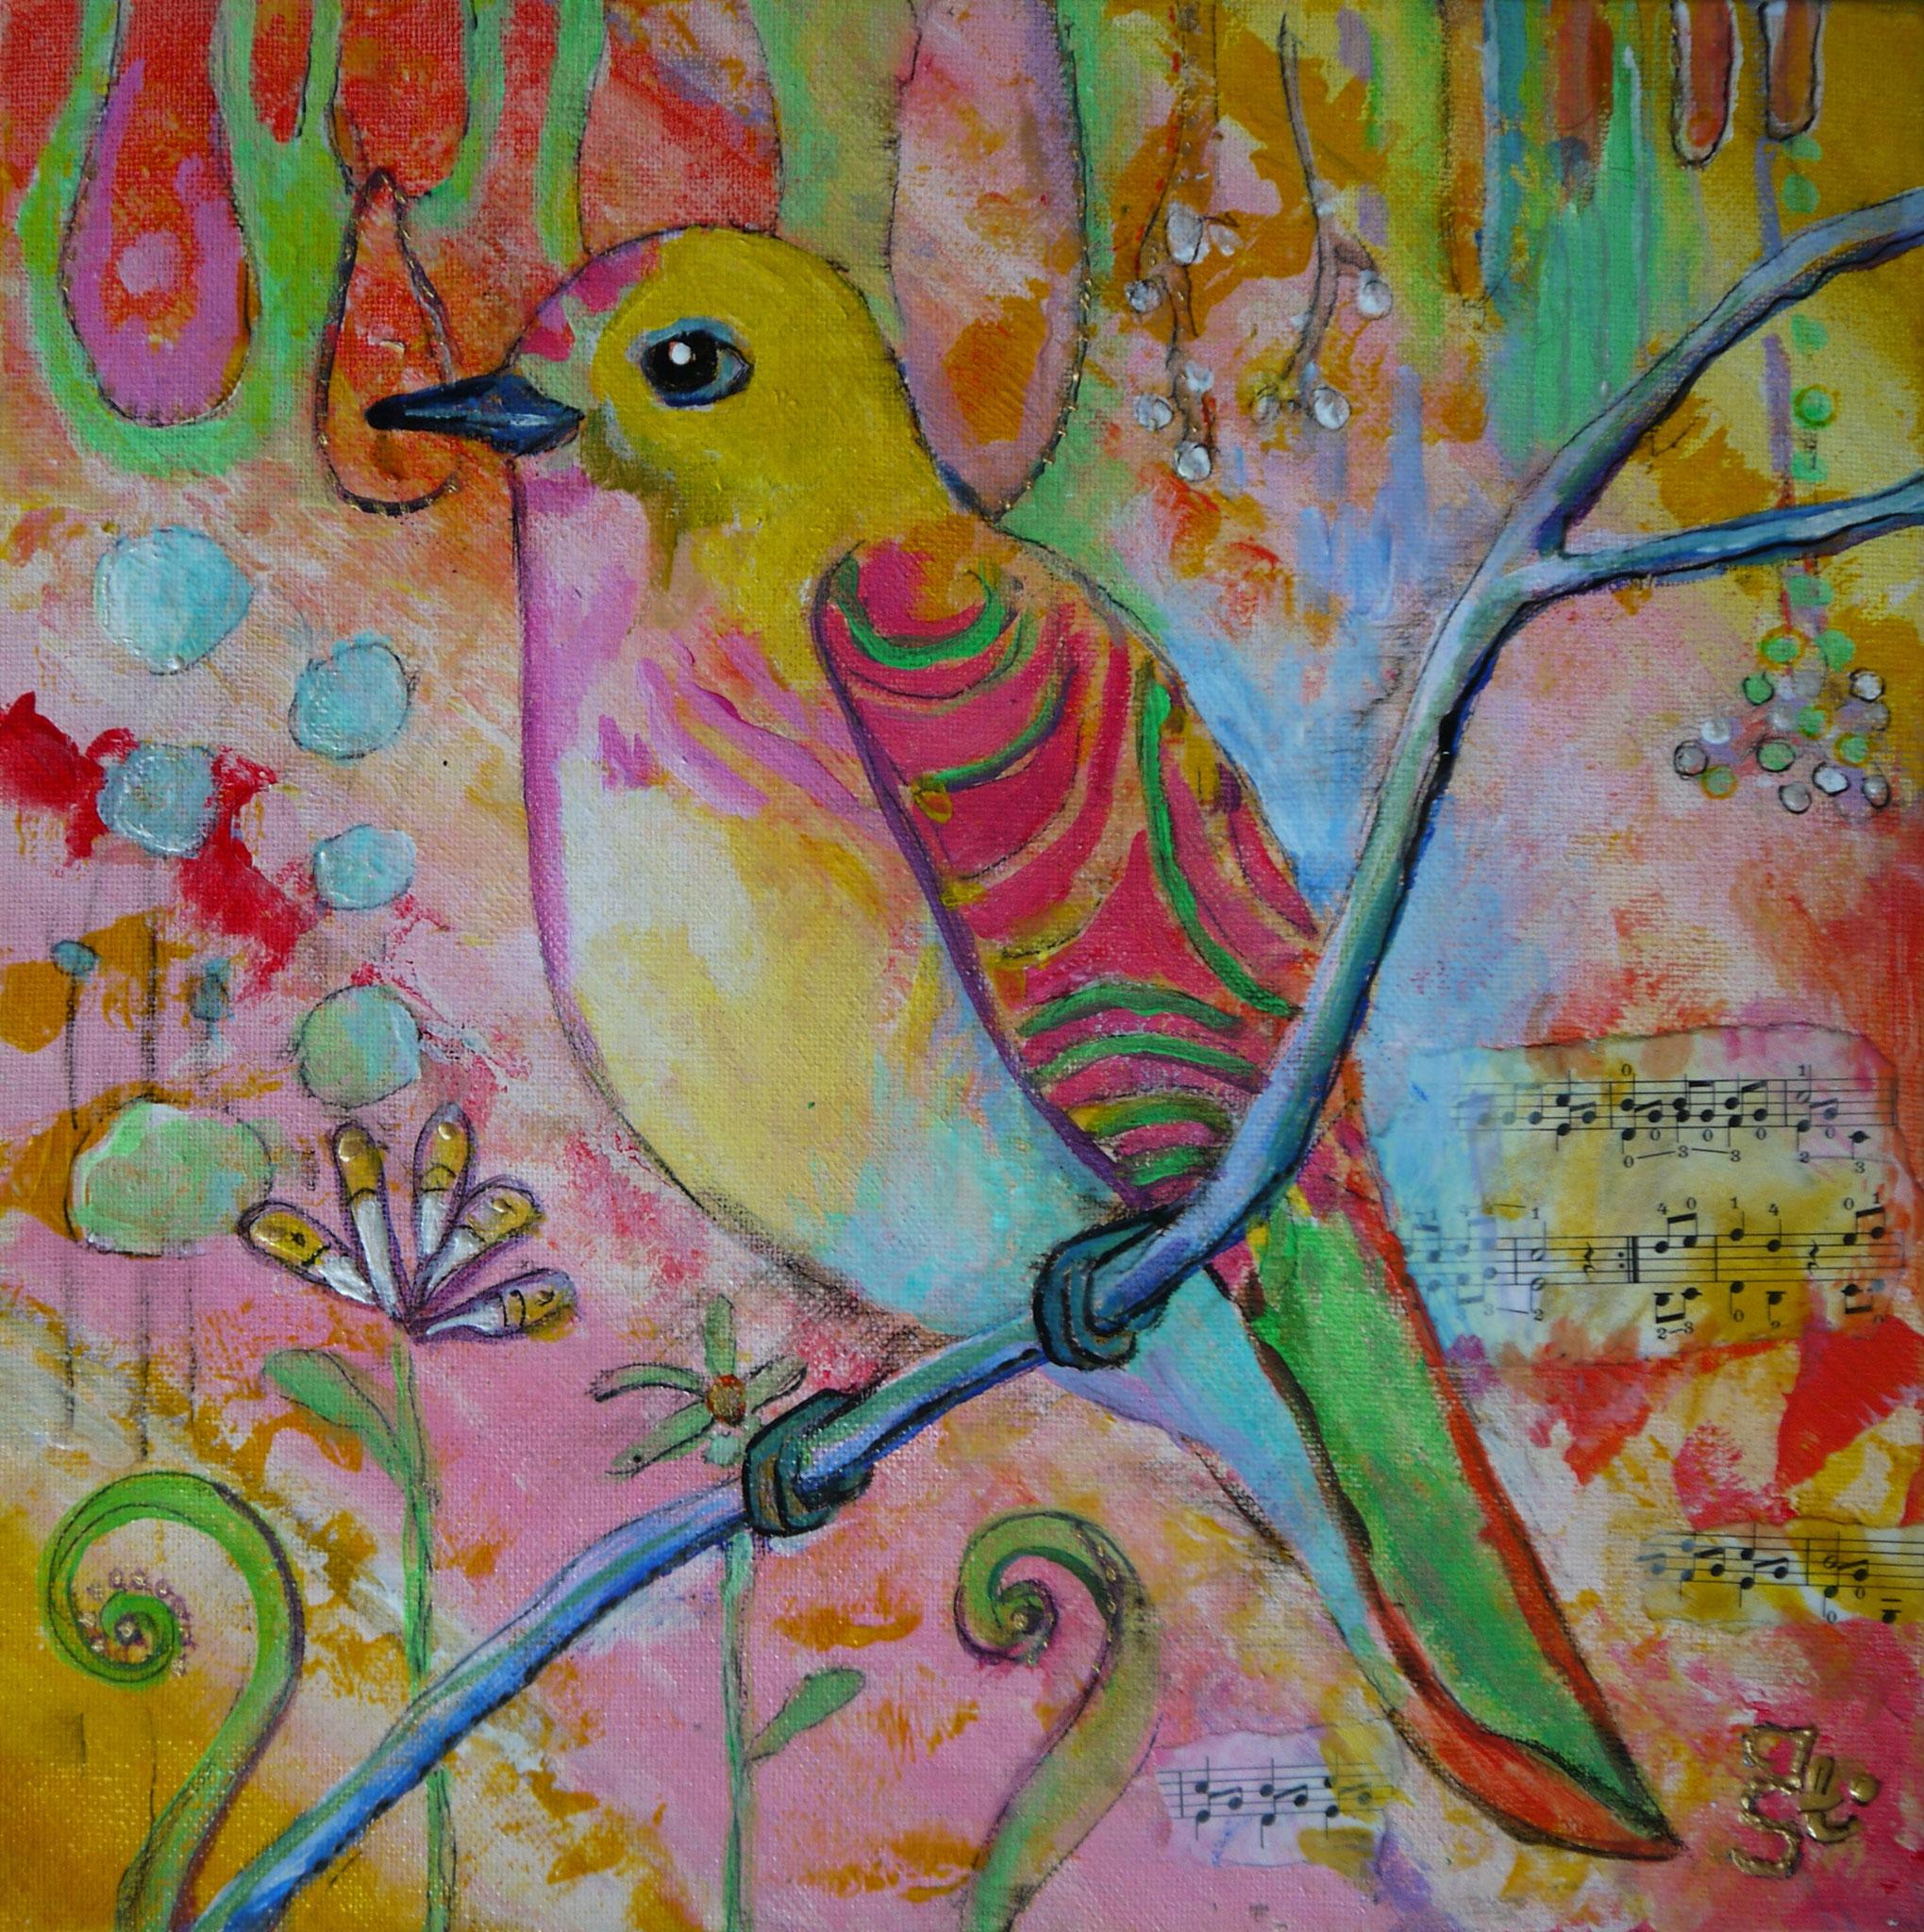 SING MY SONG, Acryl auf Leinwand, 30 x 30 cm, 48 Euro